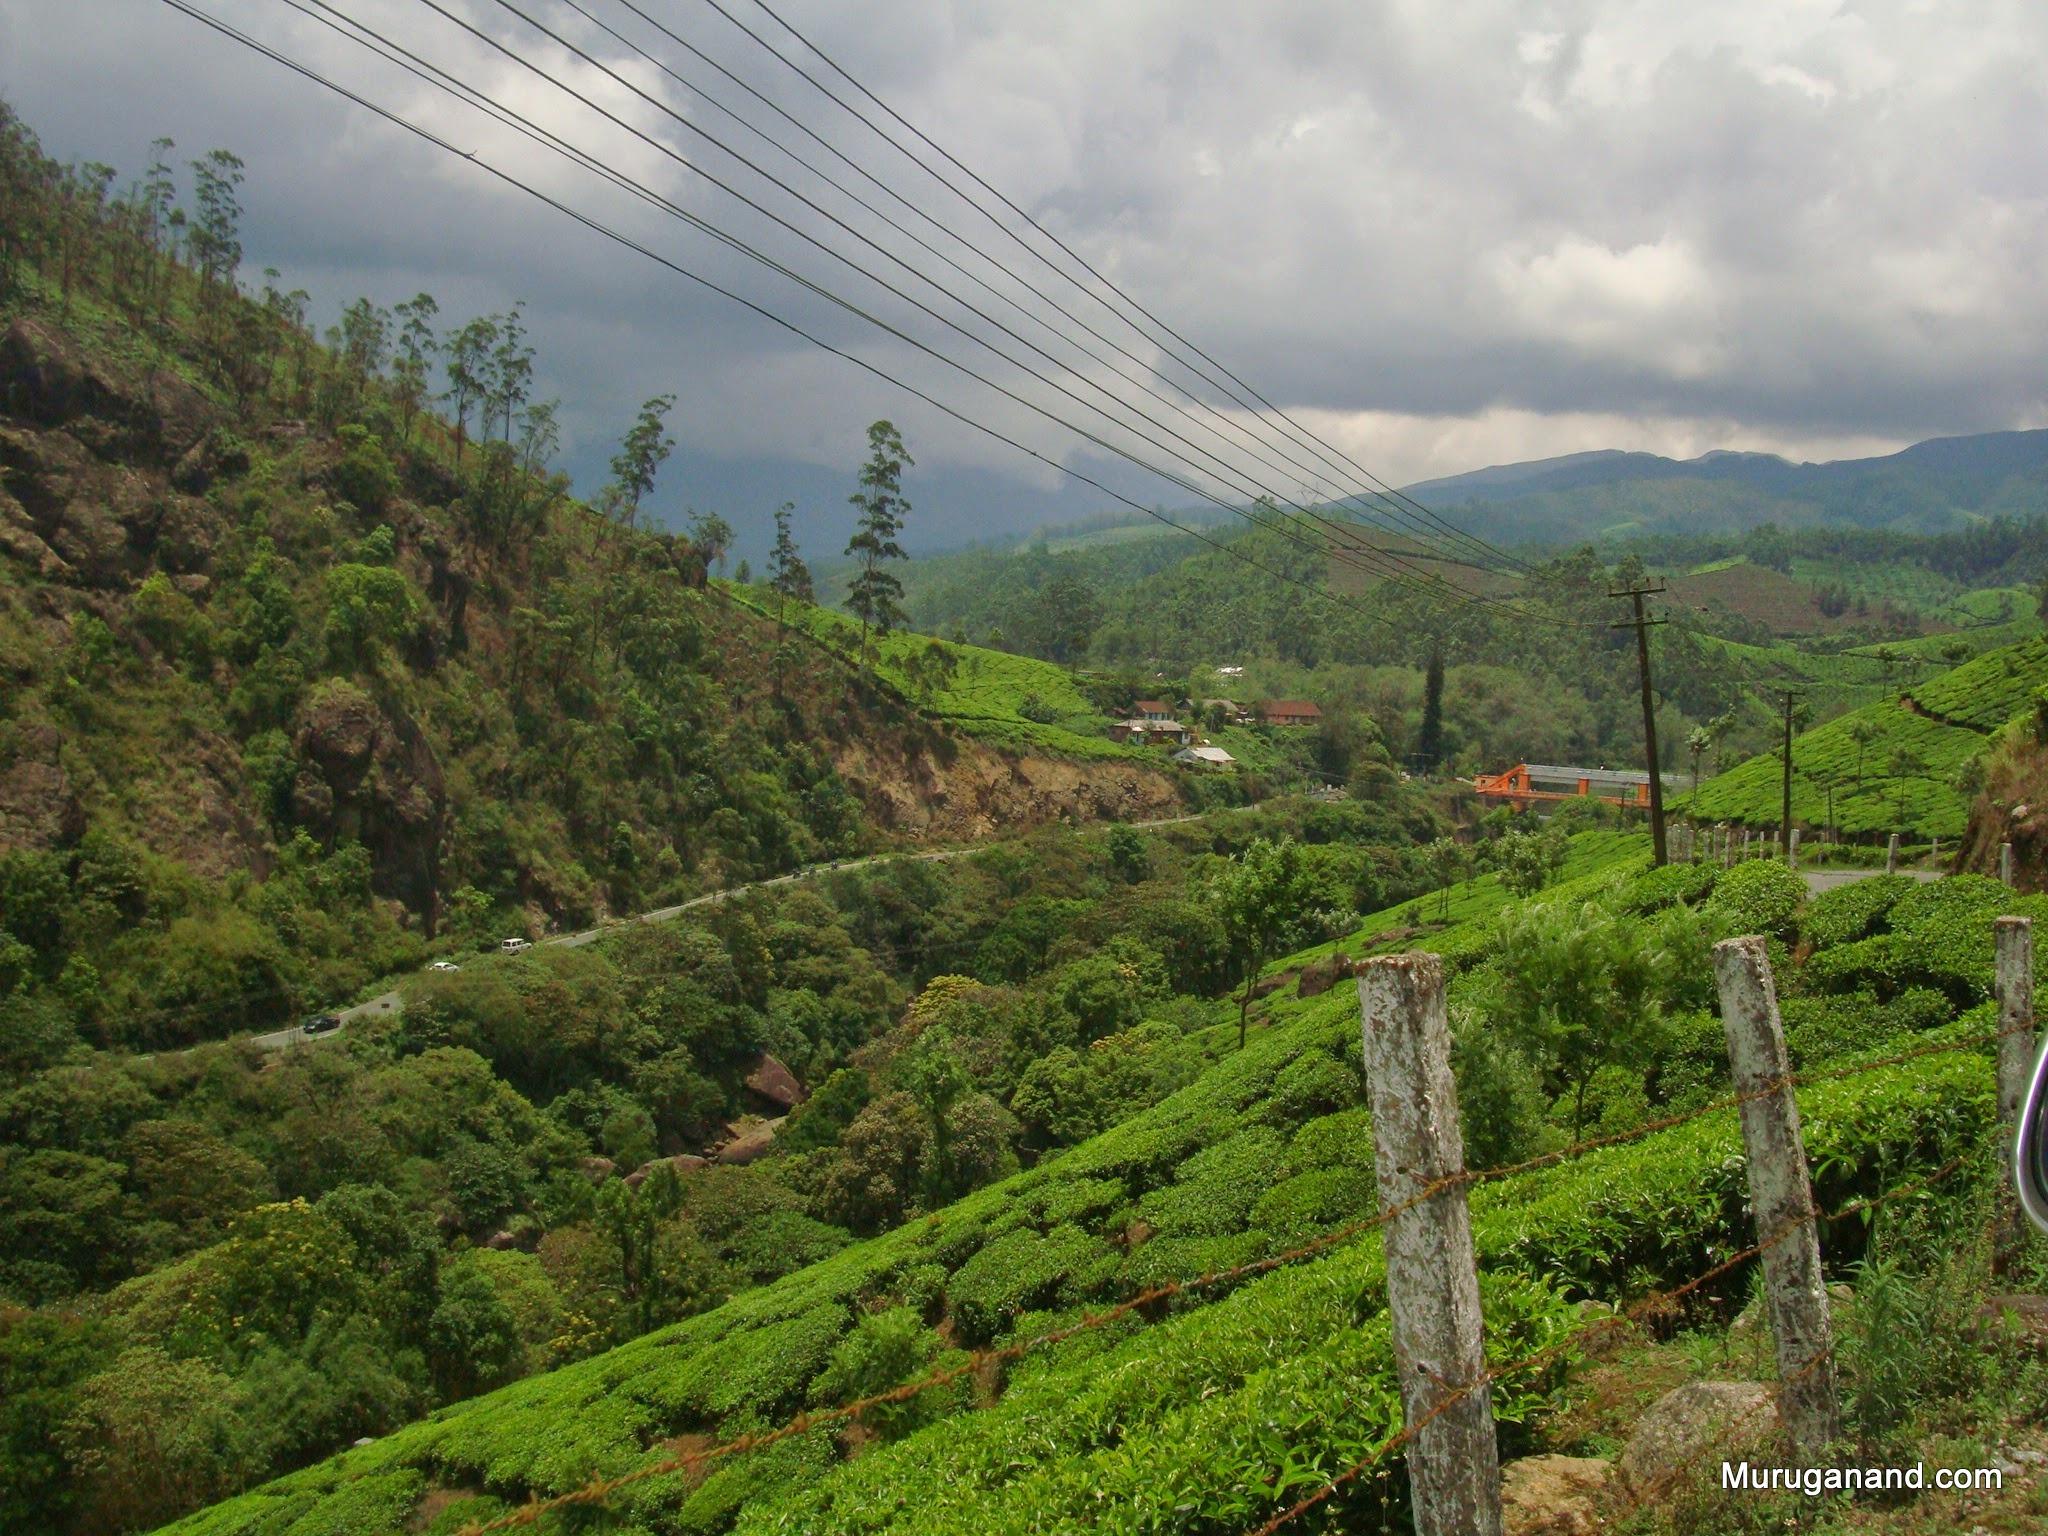 Tea plantation signals Munnar vicinity